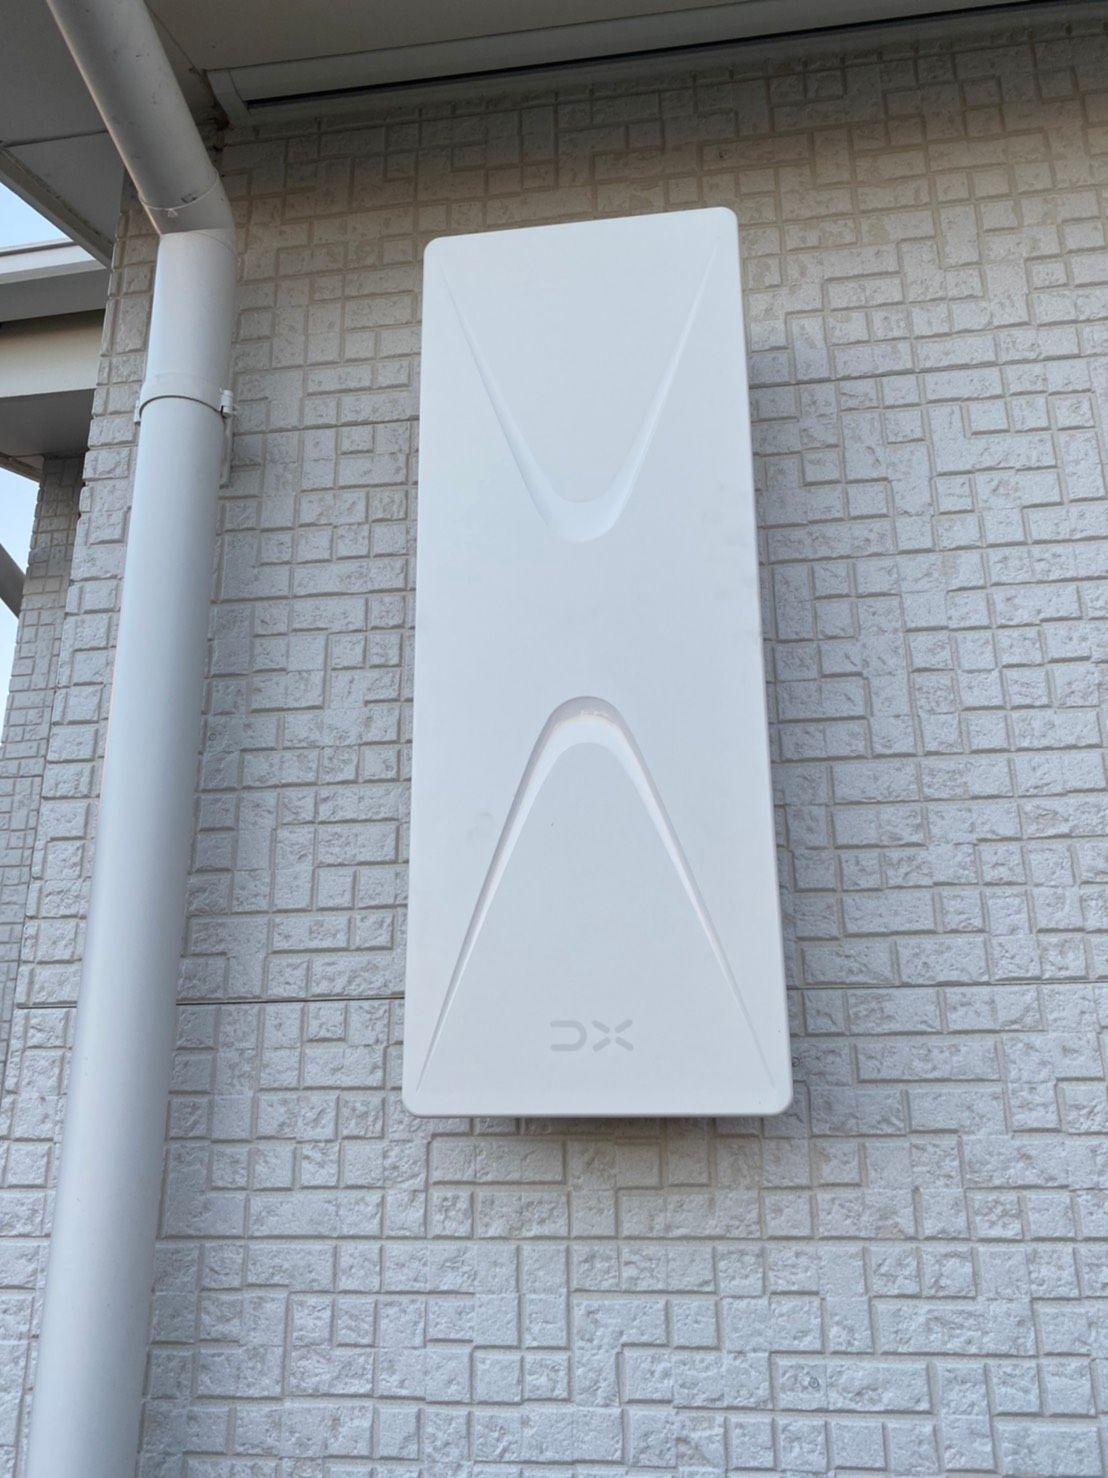 デザインアンテナ(白)壁面設置(愛知県豊明市)